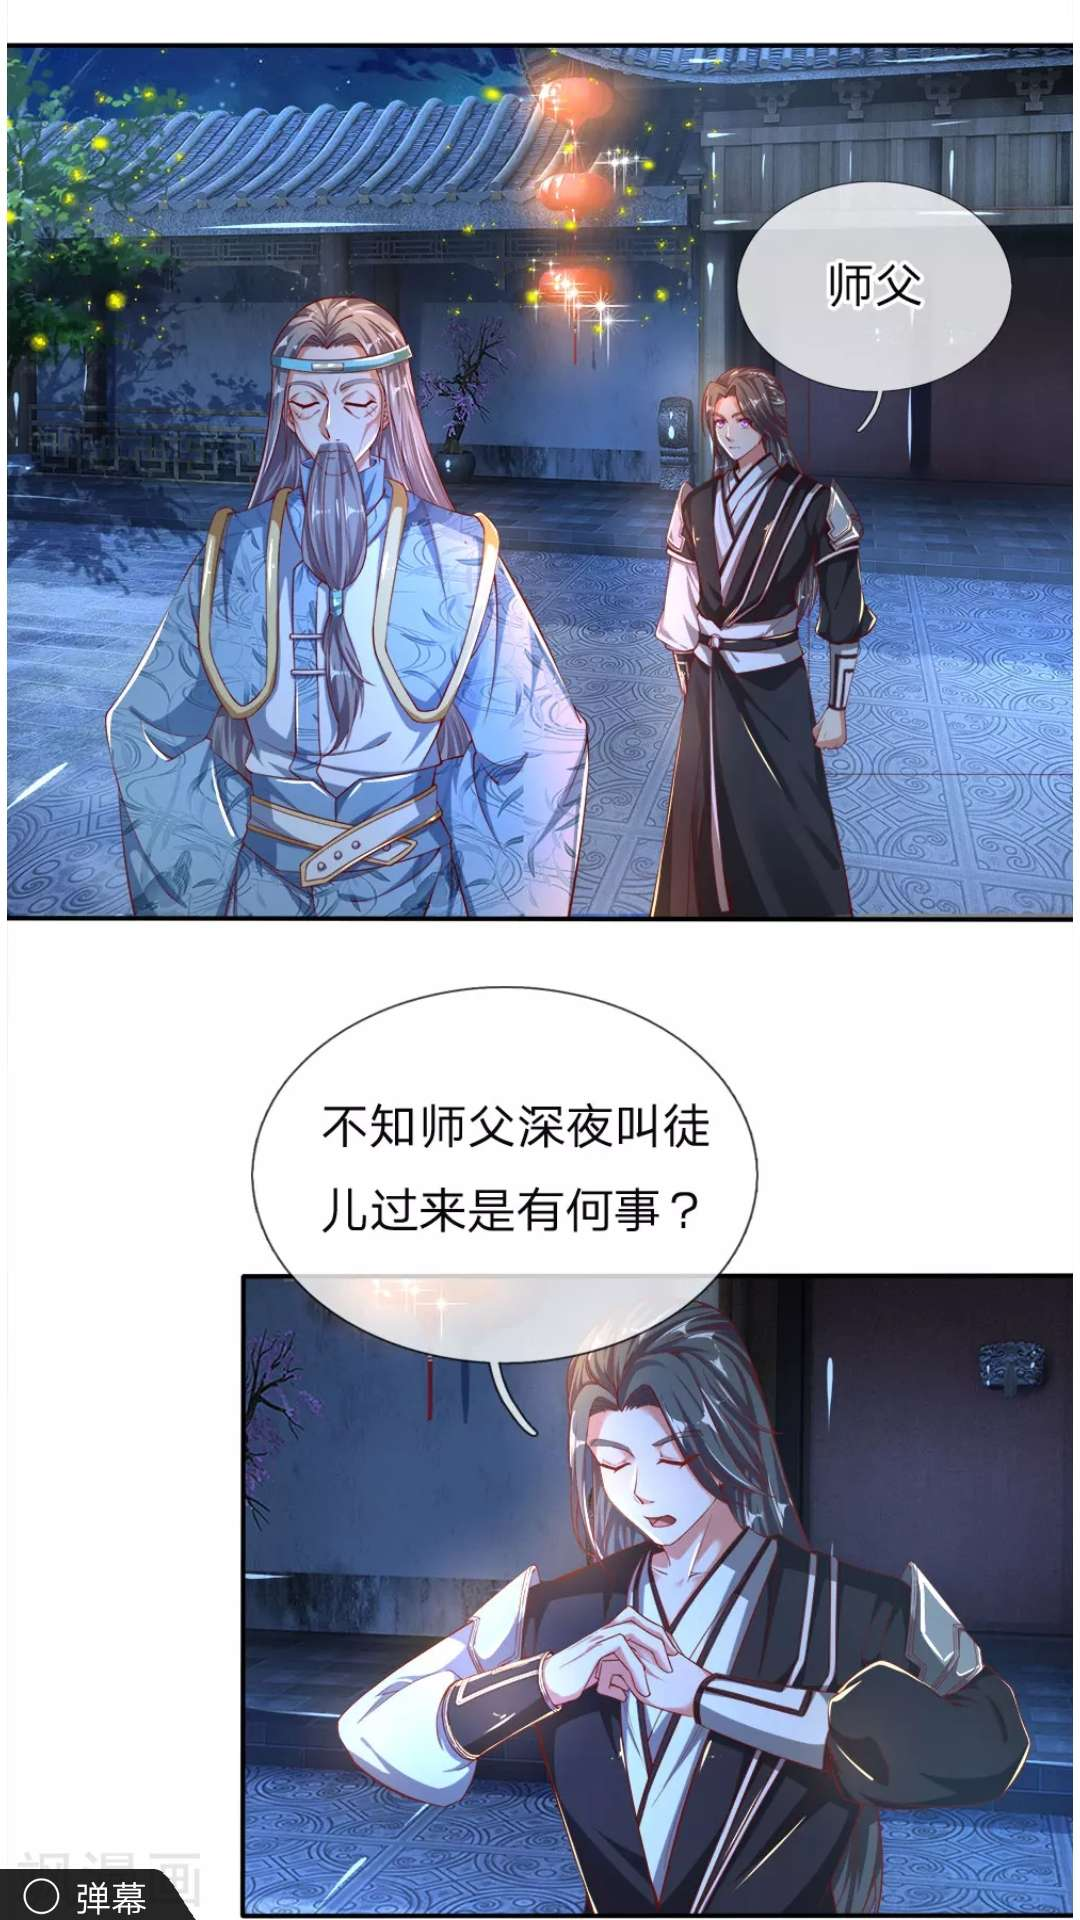 【漫画更新】逆天剑神~